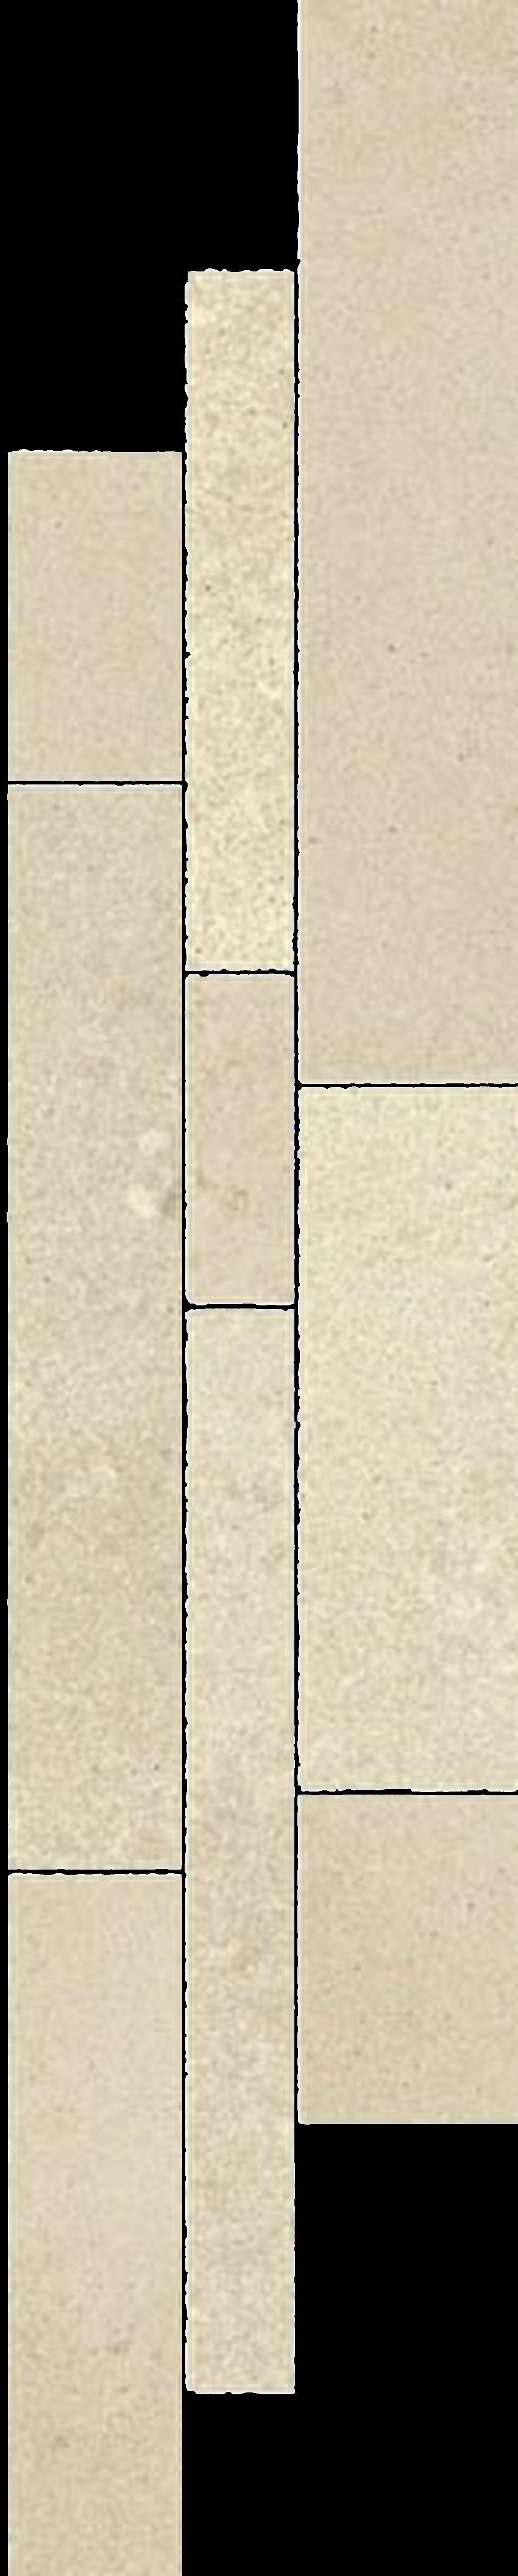 Dekoracja podłogowa 14,3x71 cm Paradyż Naturstone Beige Listwa Mix Paski